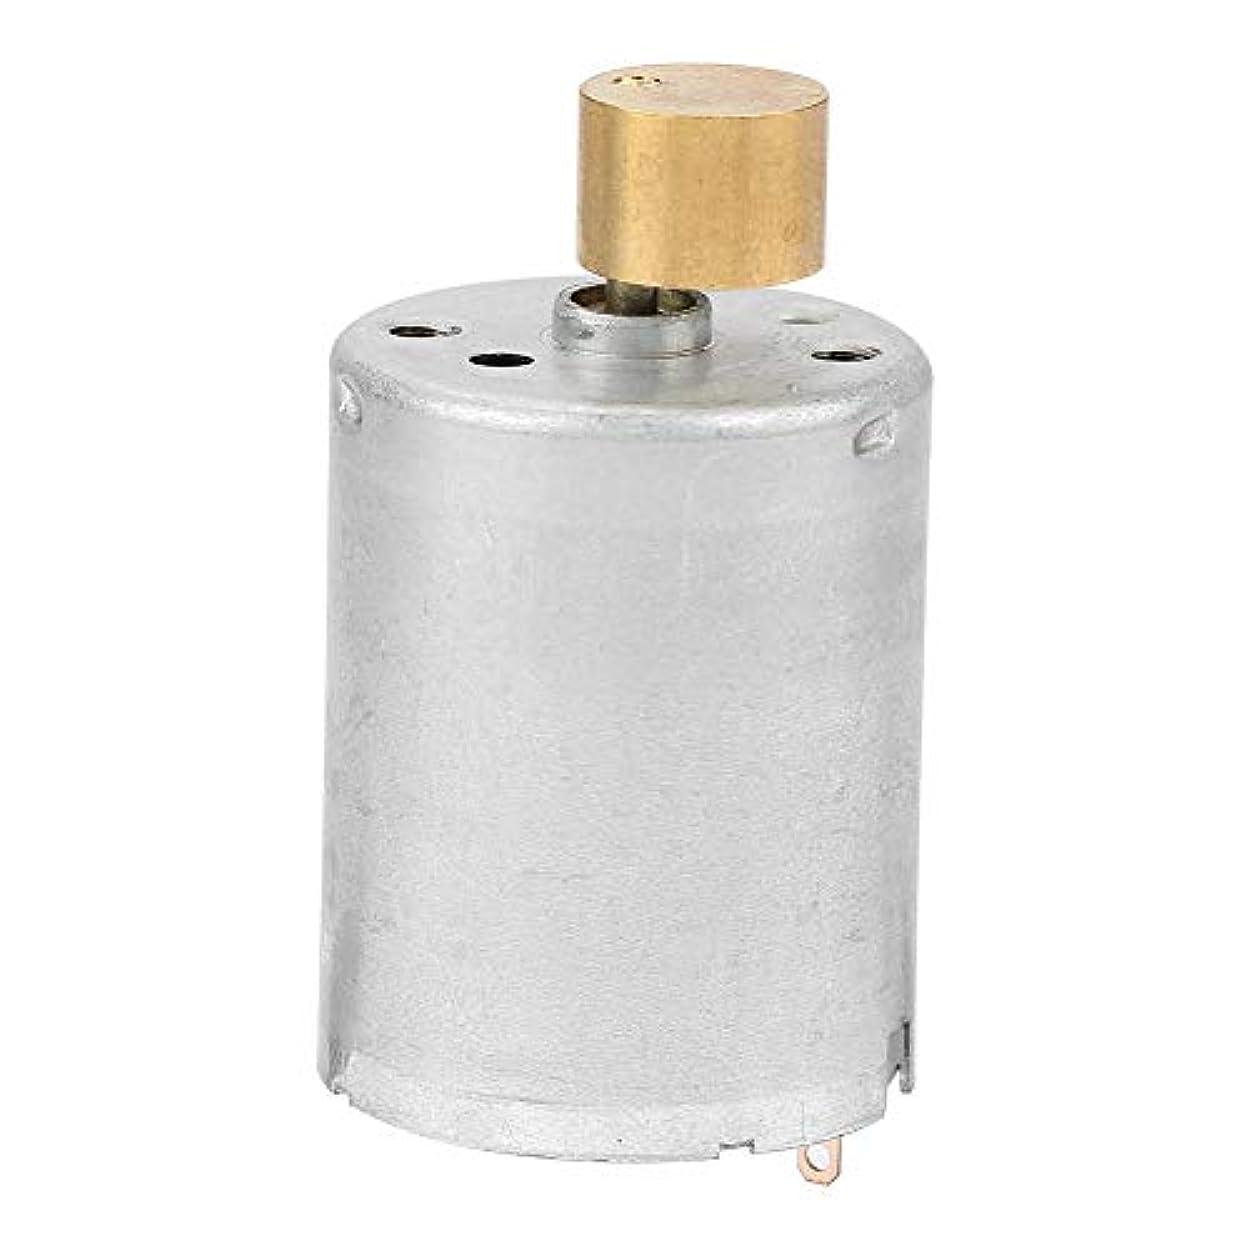 ワークショップ逆説バケツマッサージ装置のための振動モーターRF370 DCの小型強い振動振動モーター12V